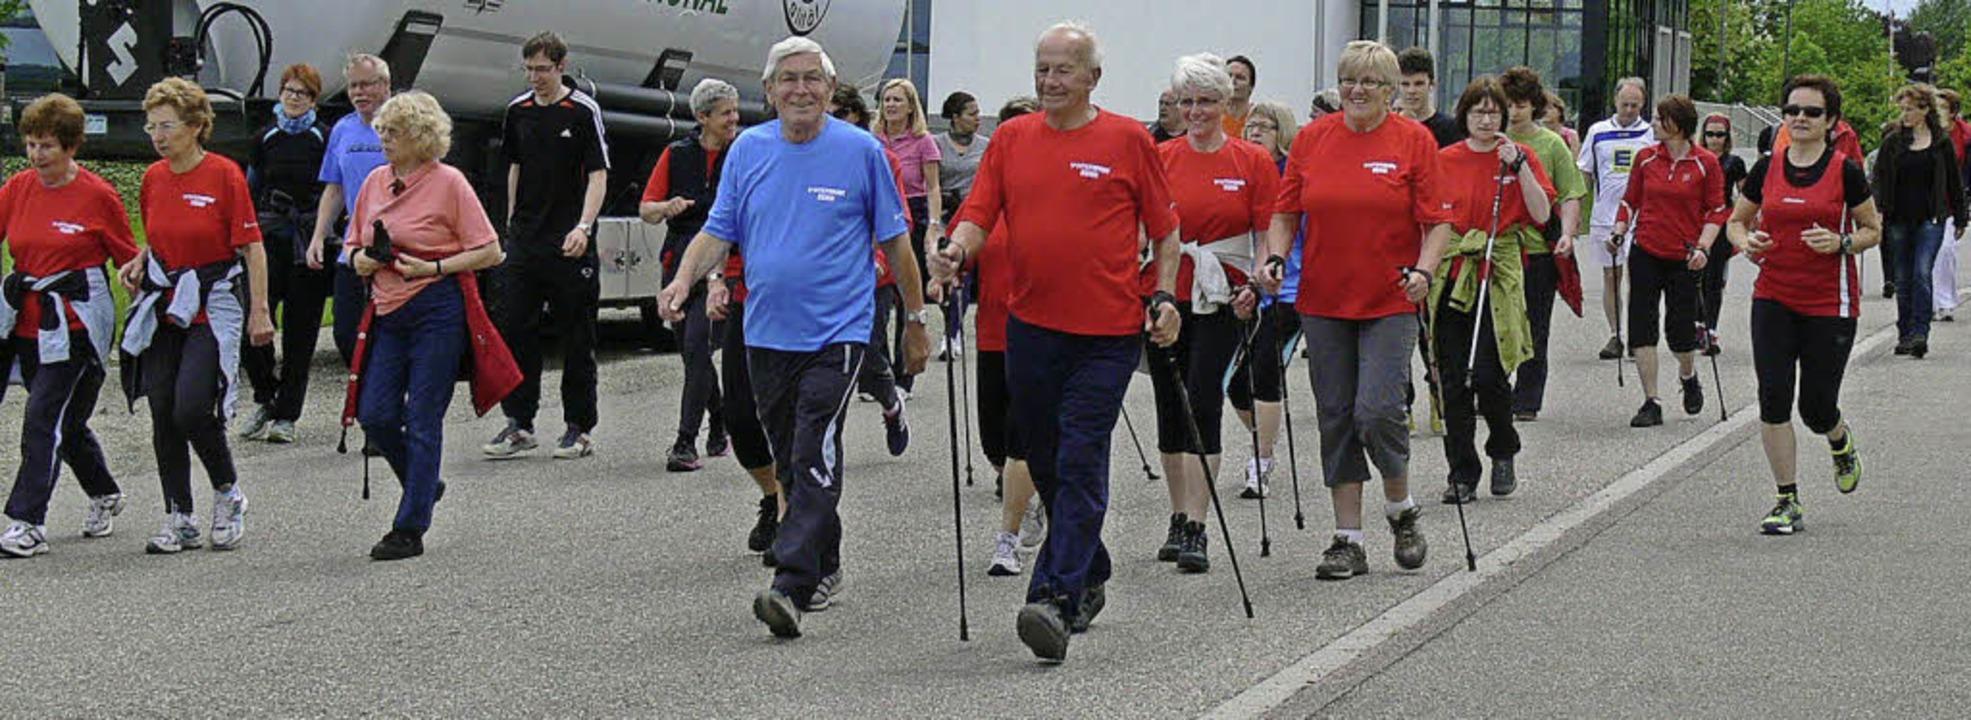 Und los geht's: Bei der Riedhalle war Start für Walker und Jogger.   | Foto: dieter fink